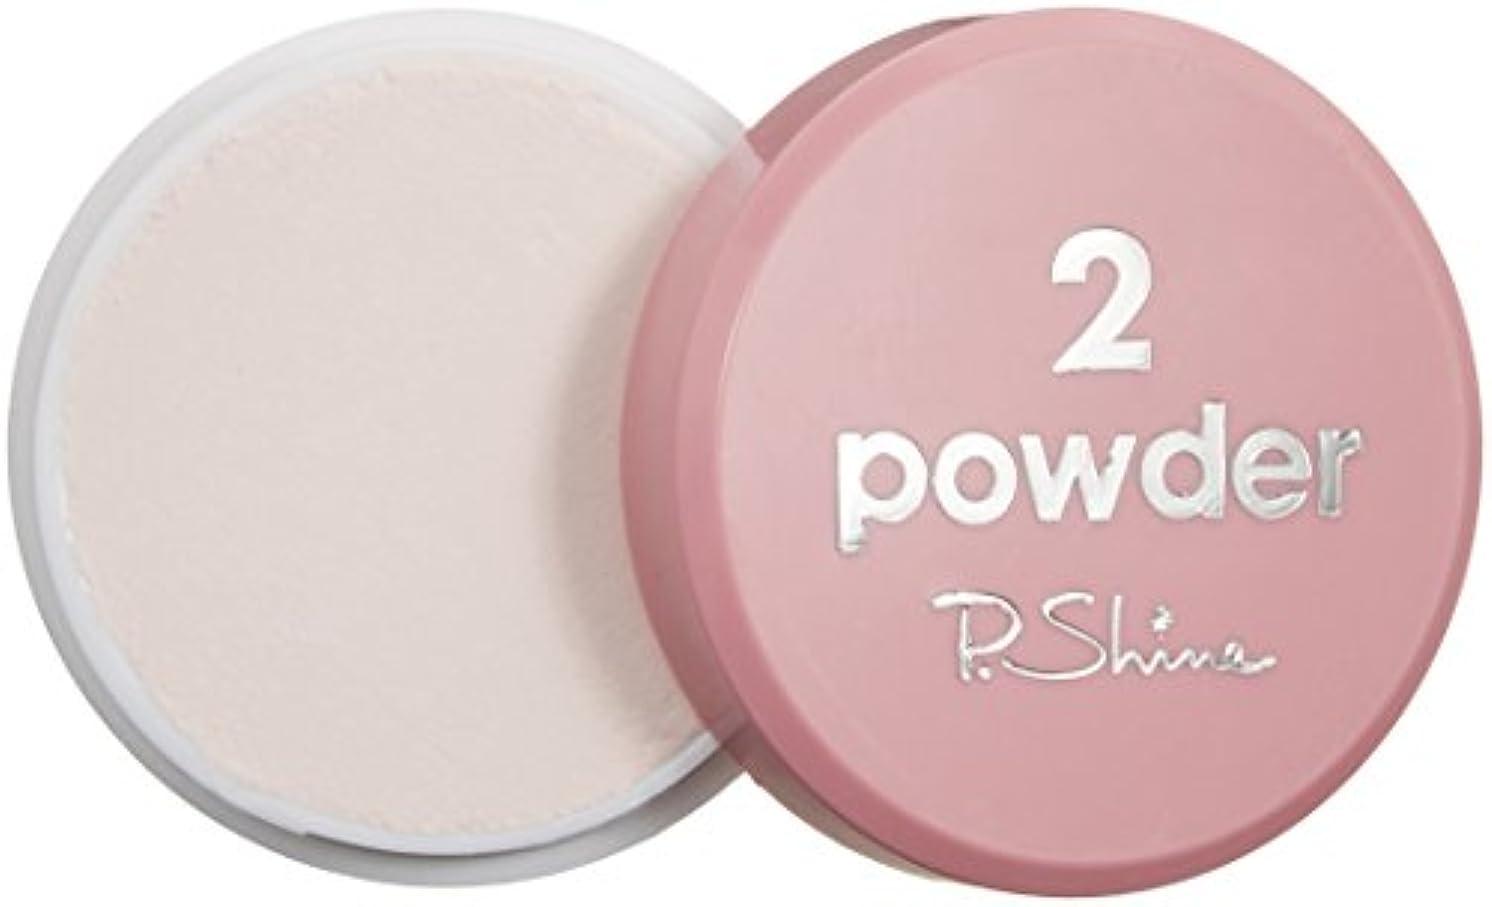 通知する知性フレキシブルP. Shine 爪磨きパウダー 5g 爪磨き用の光沢剤